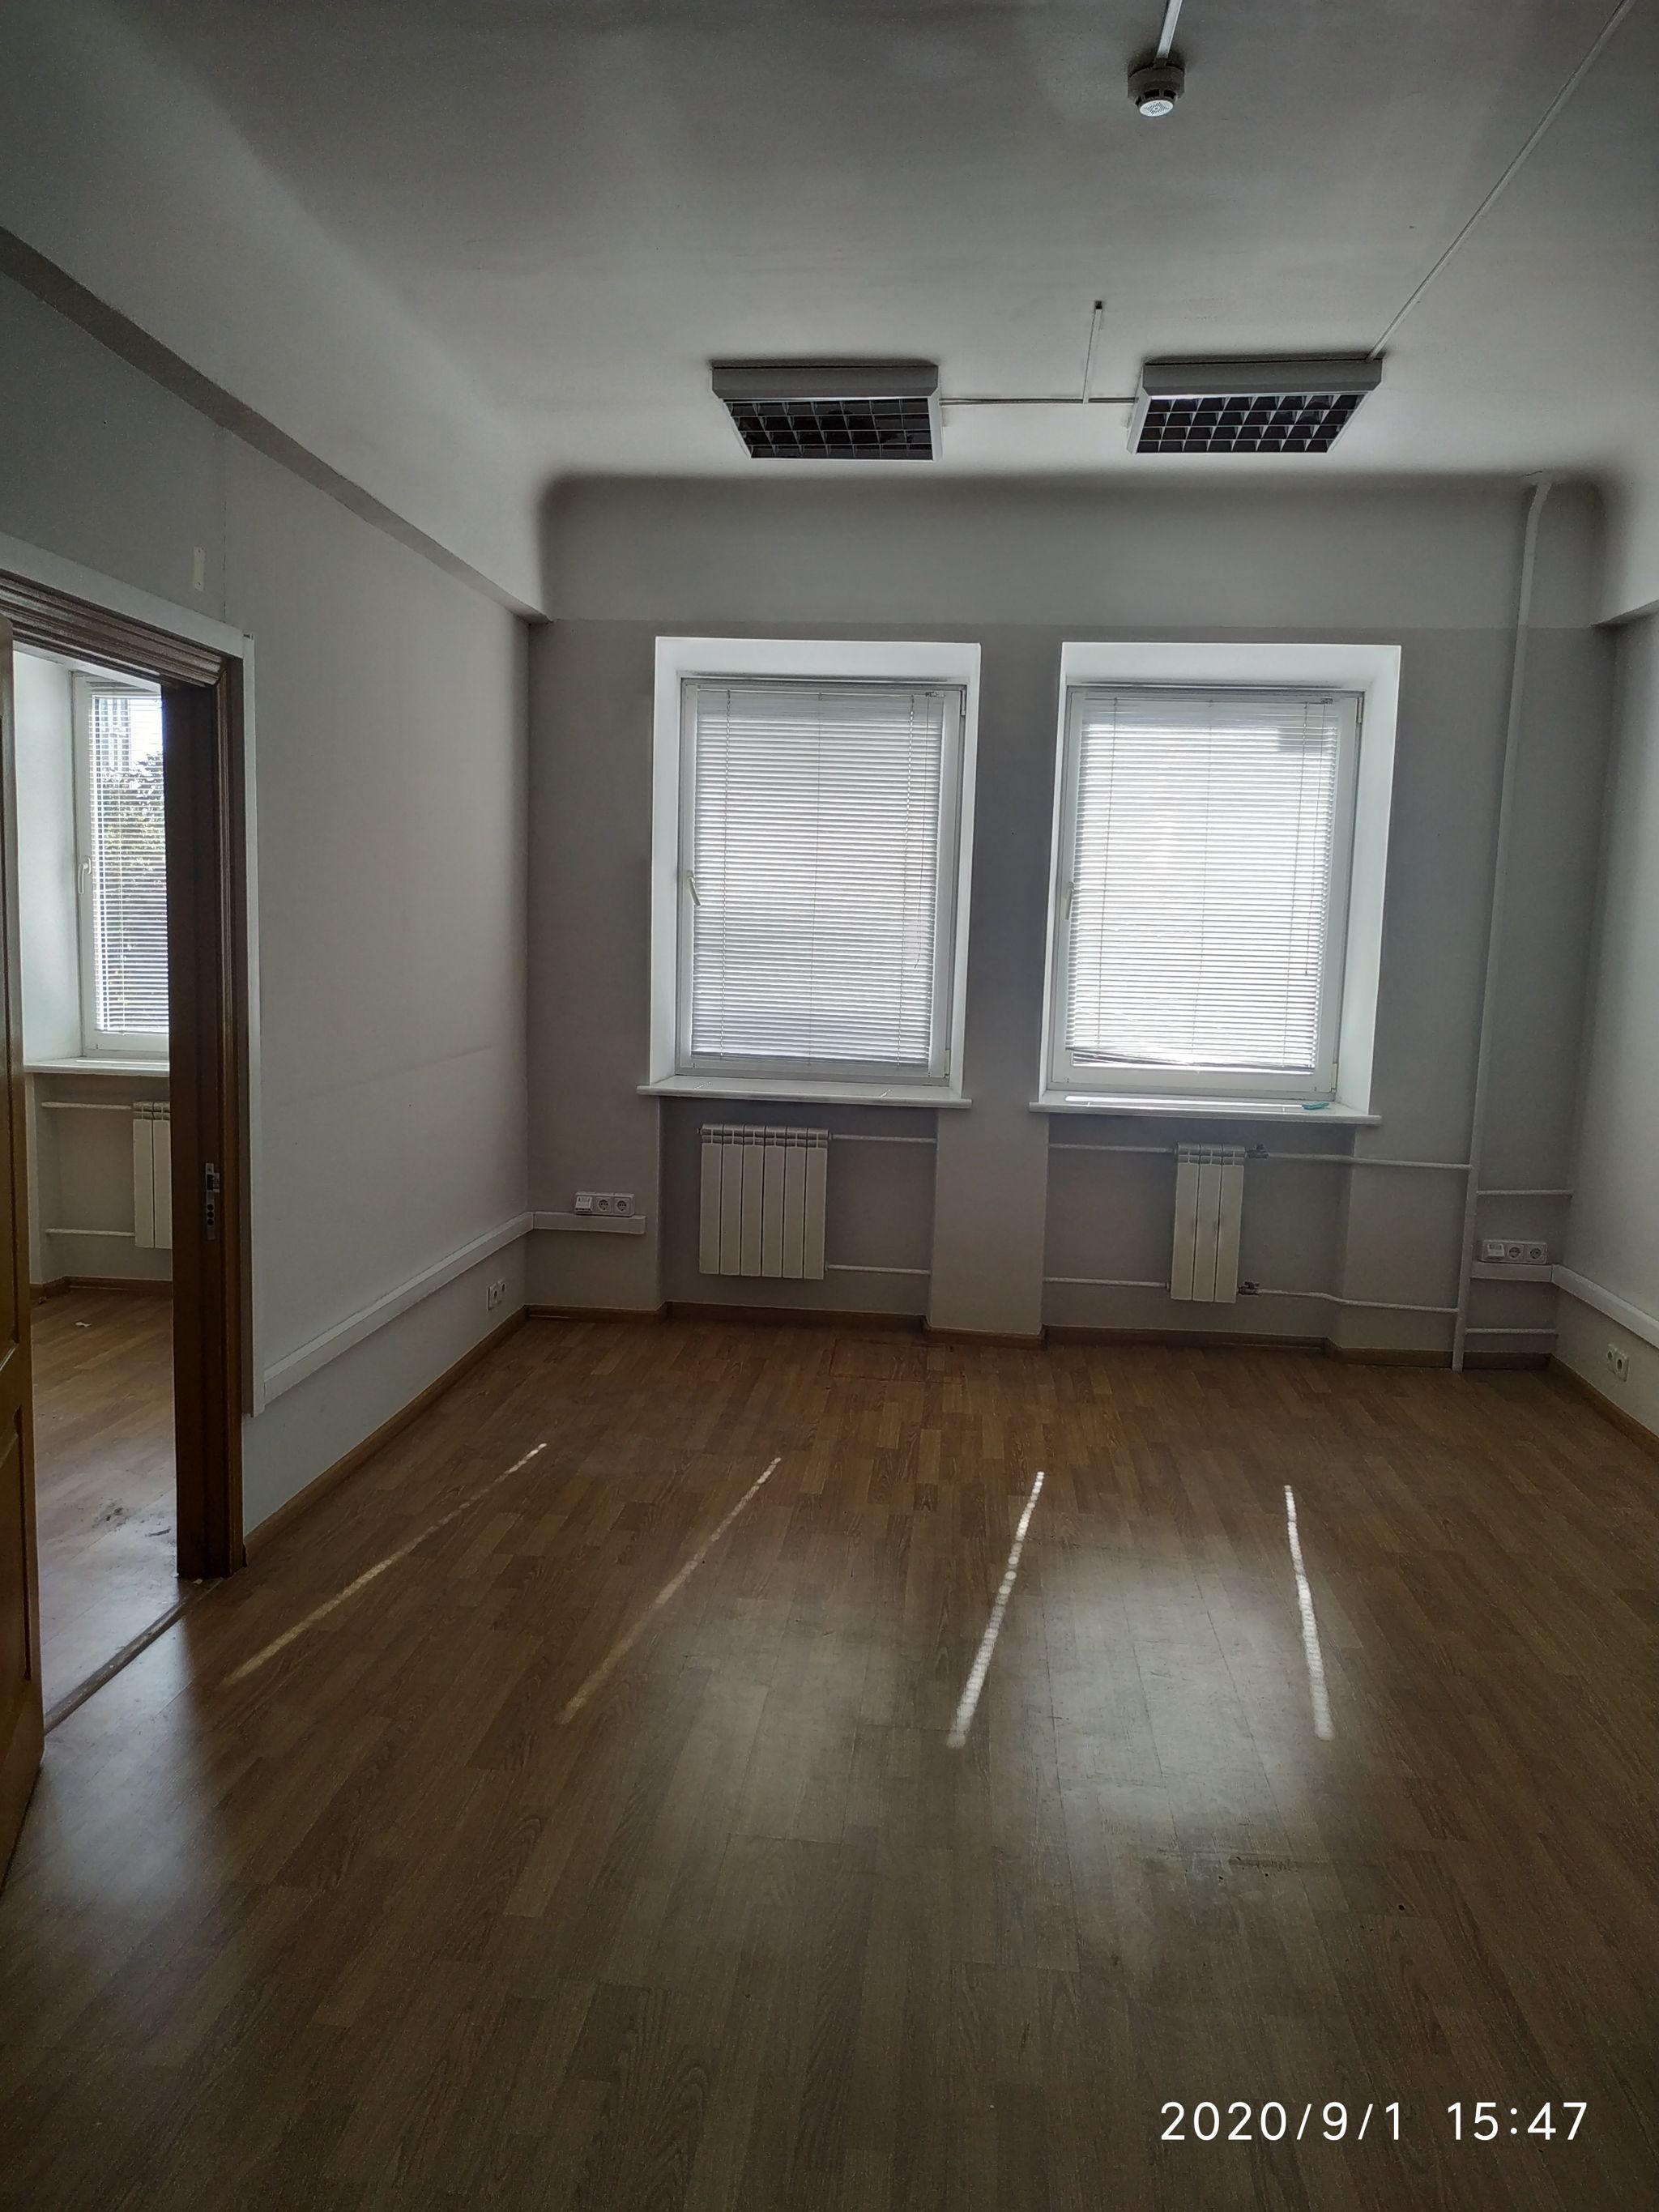 Офис, W-6227972, Васильковская, 34, Киев - Фото 2